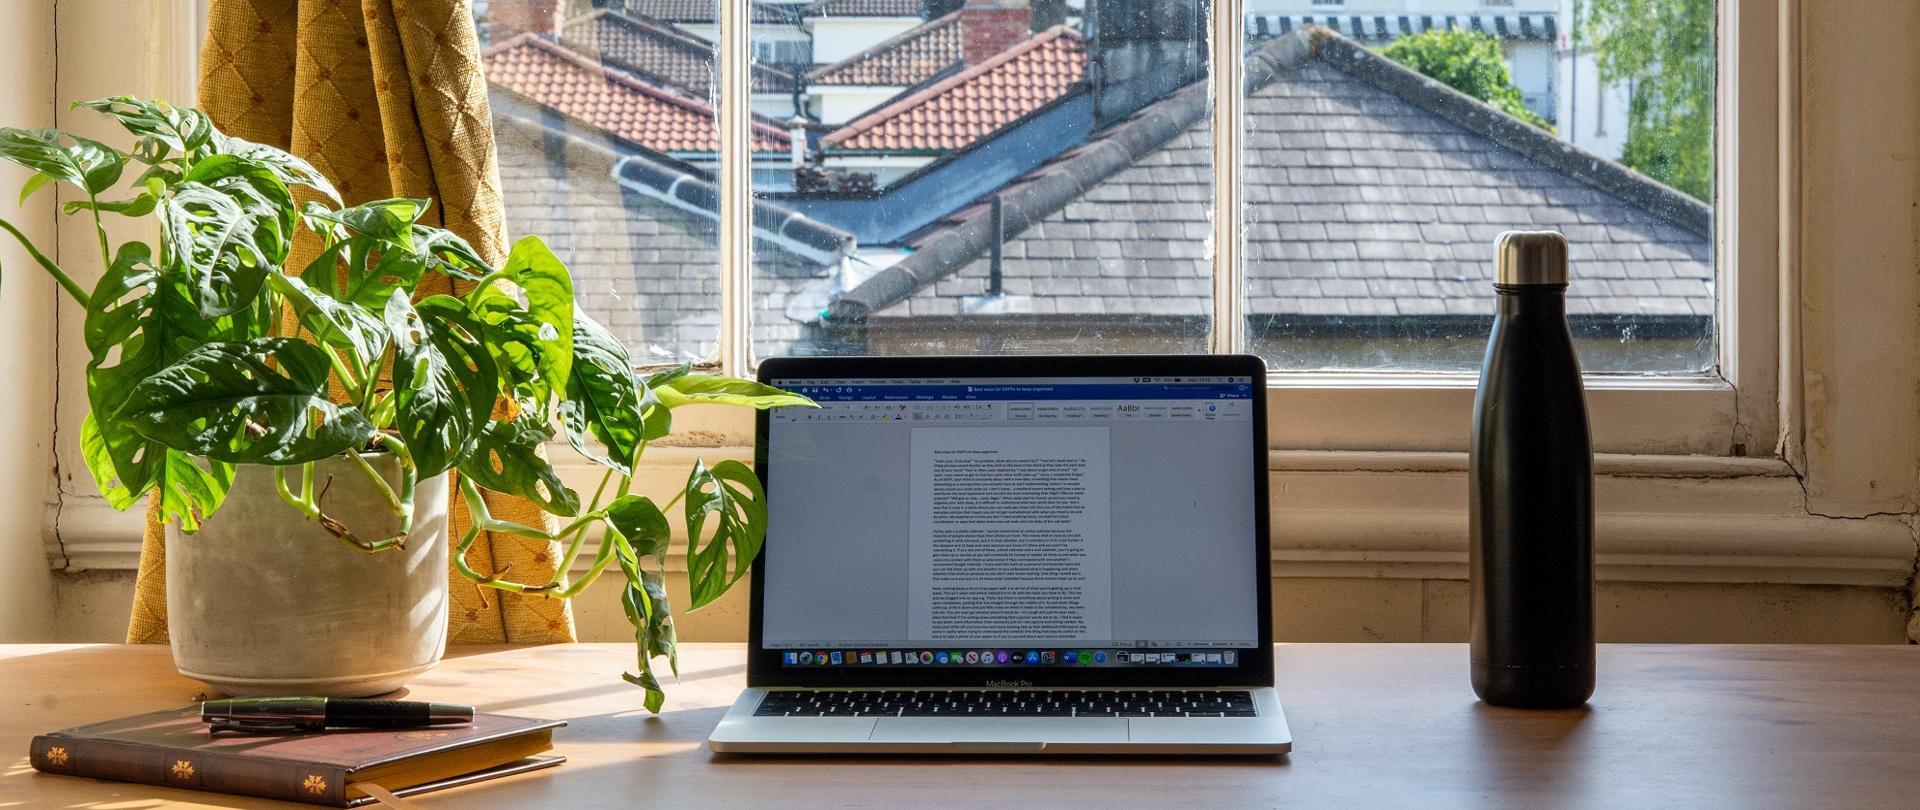 Zdjęcie - laptop stojący na stole, obok roślina w doniczce, za nim okno z widokiem na spadziste dachy zabudowań.